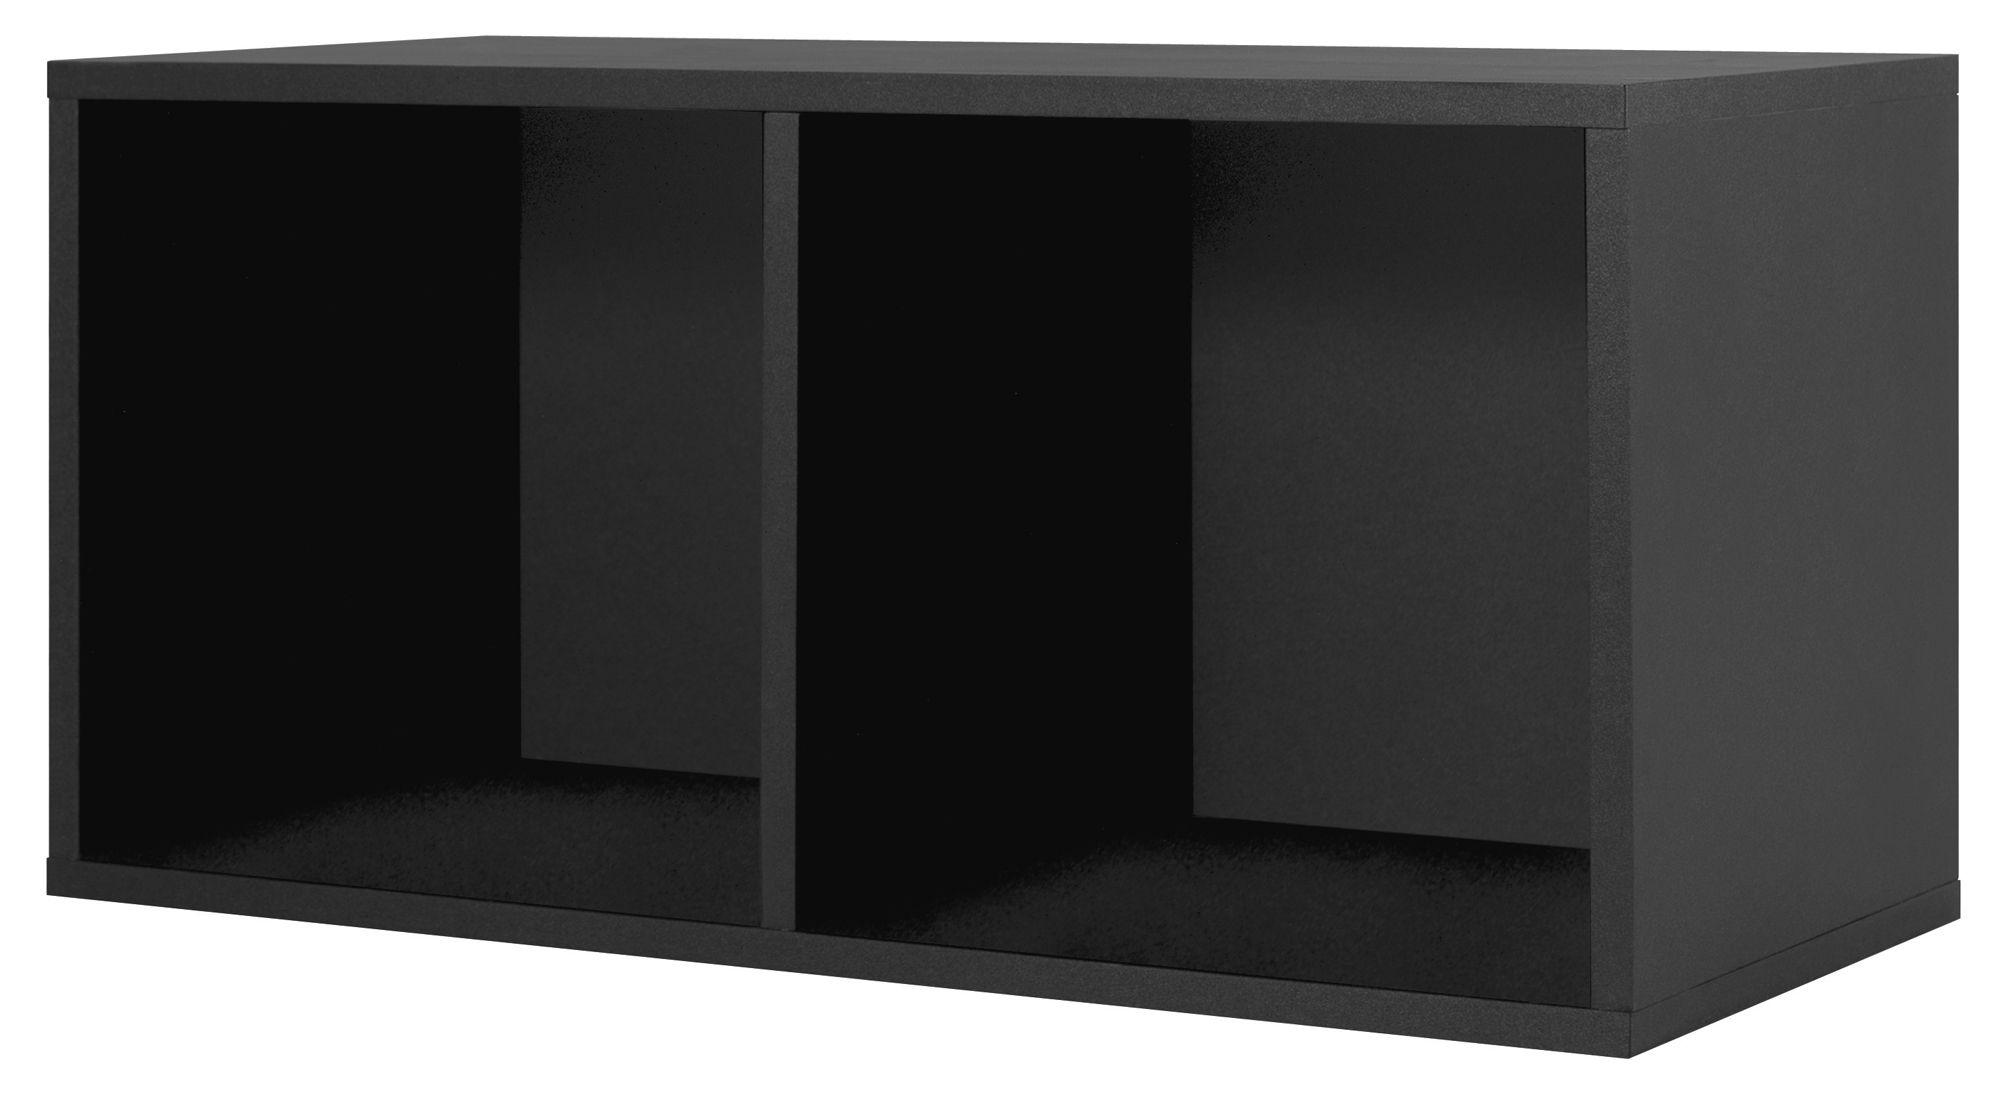 Large Divided Cube - Black PartNumber: 00851754000P KsnValue: 00851754000 MfgPartNumber: 327806